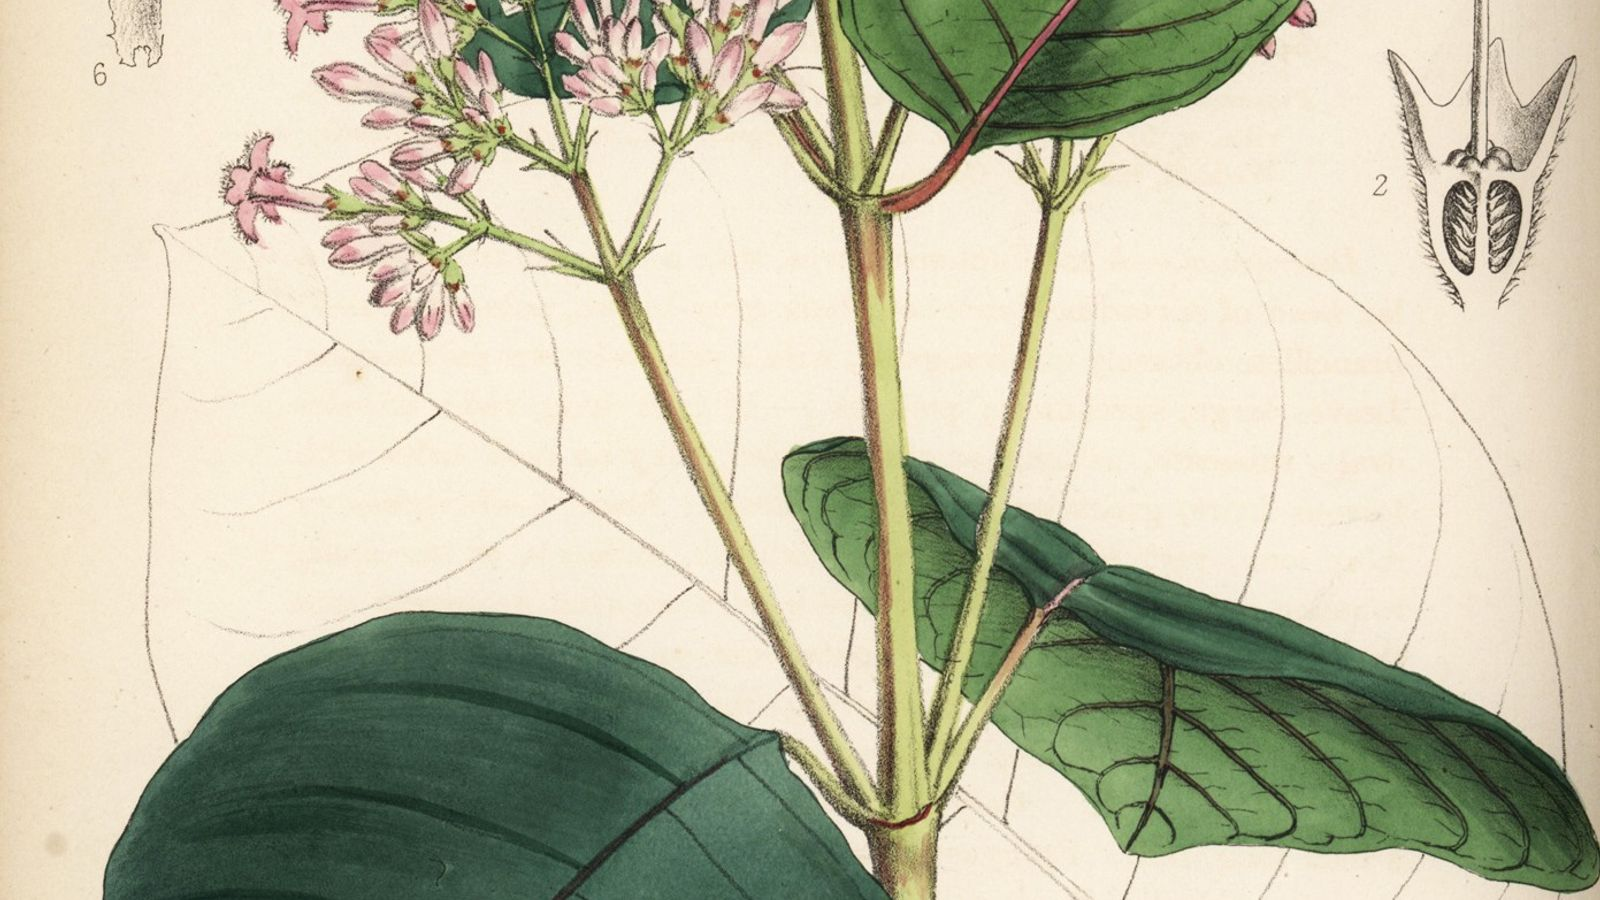 L'écorce du Cinchona pubescens, connu sous le nom de Cinchona cordifolia, contient de la quinine, le ...